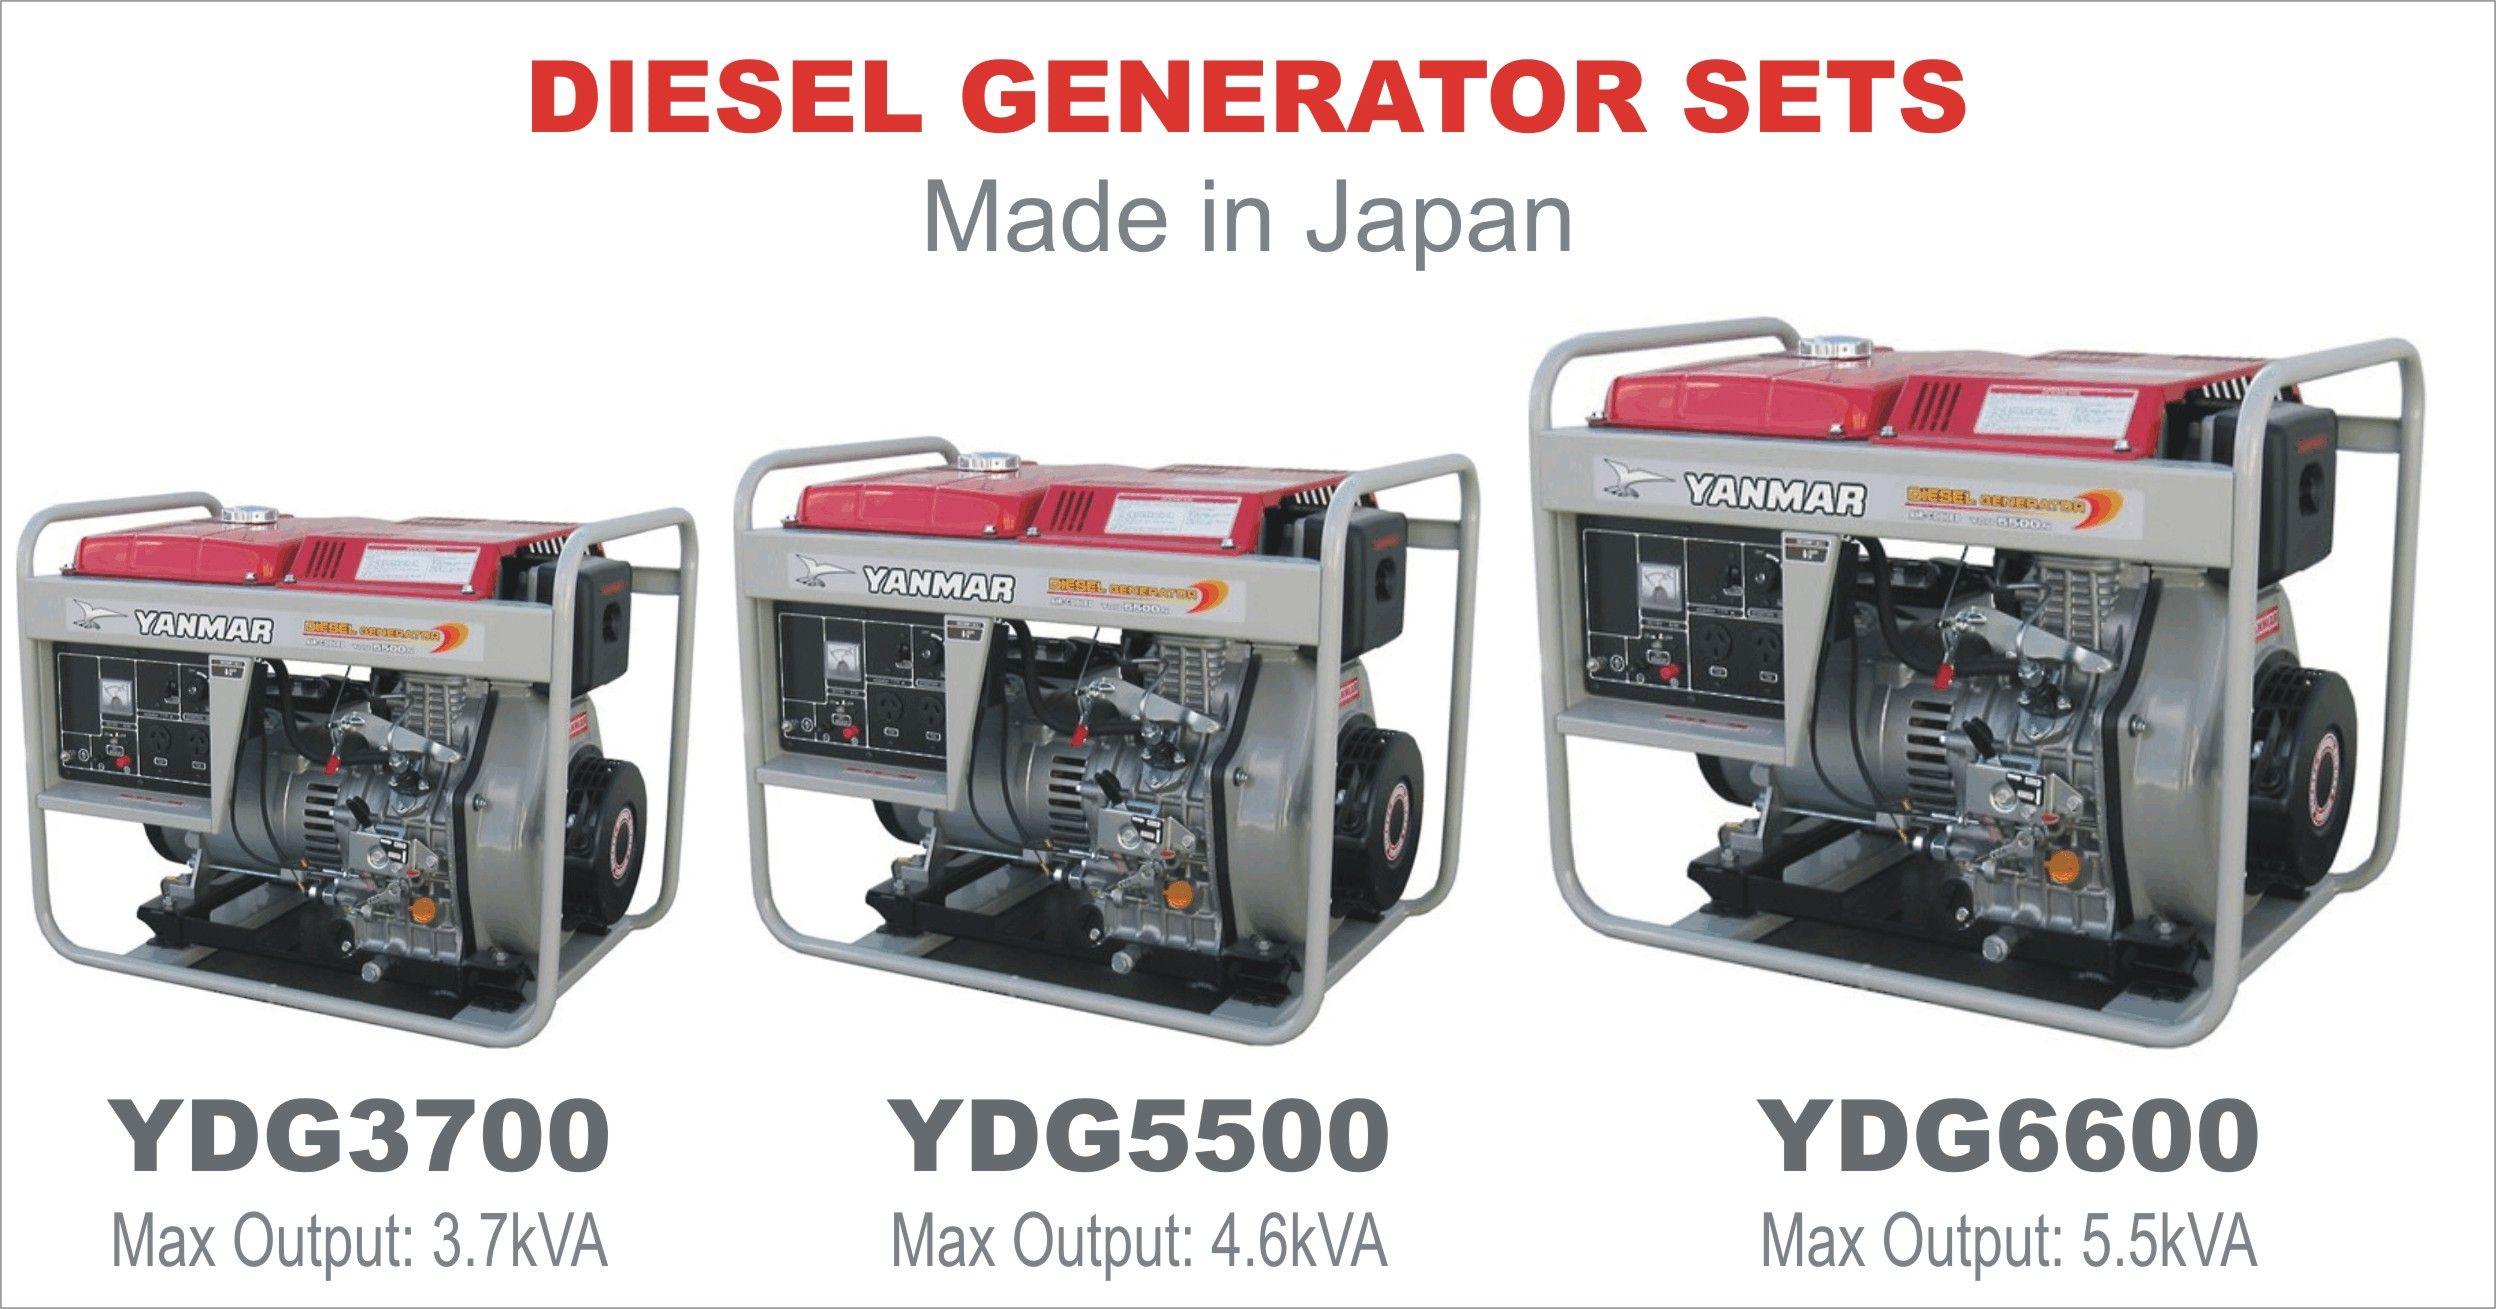 Yanmar brand, Made in Japan Diesel Generator sets